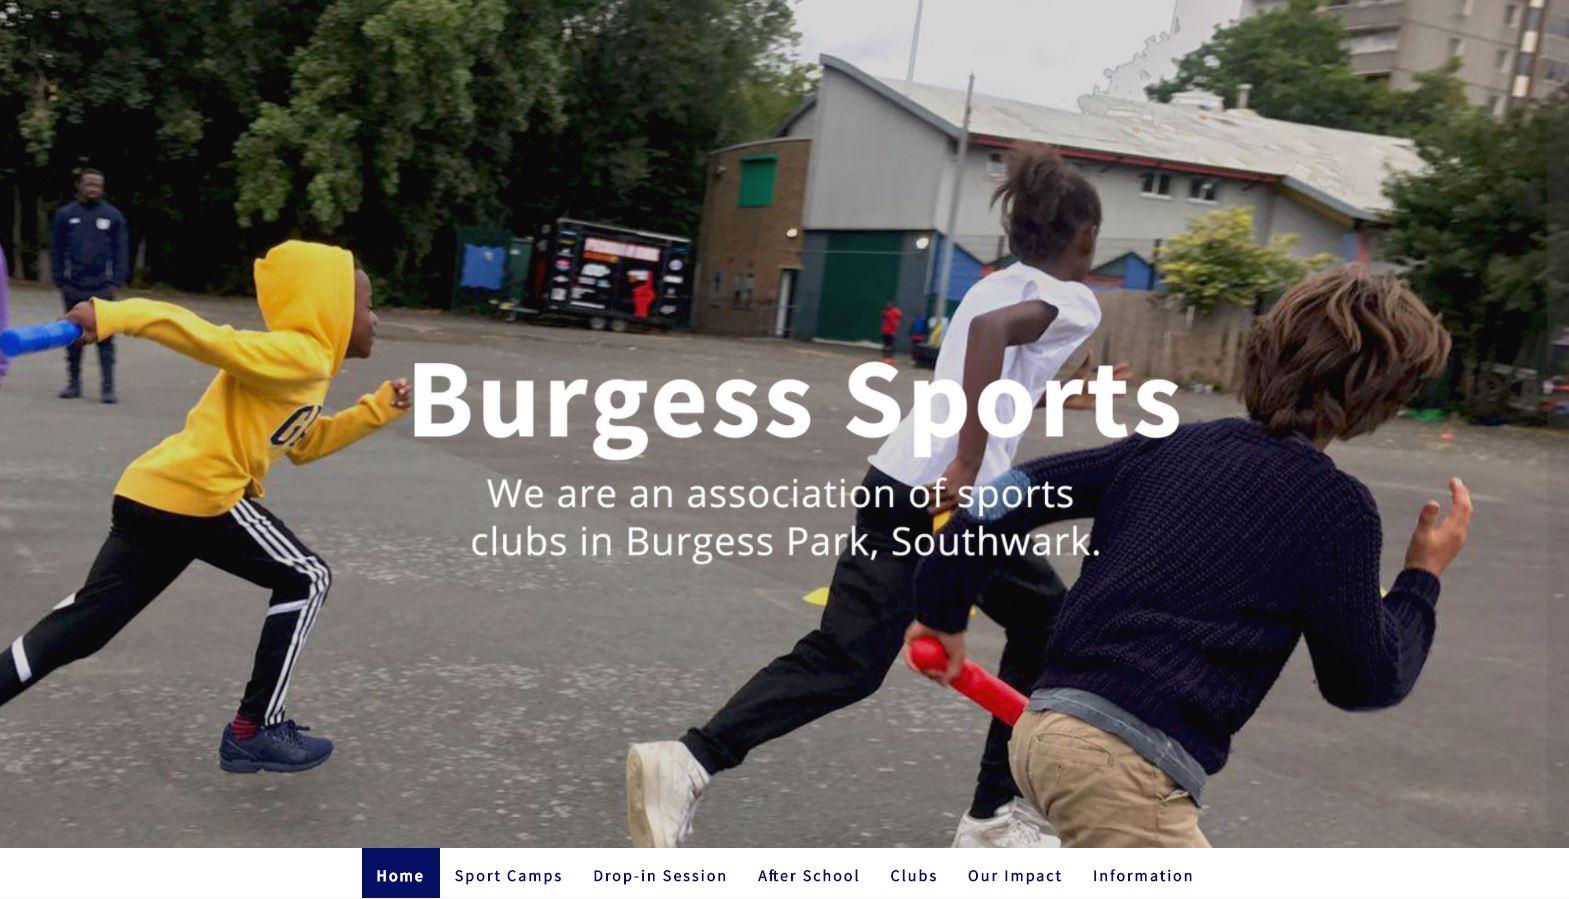 Burgess Sports